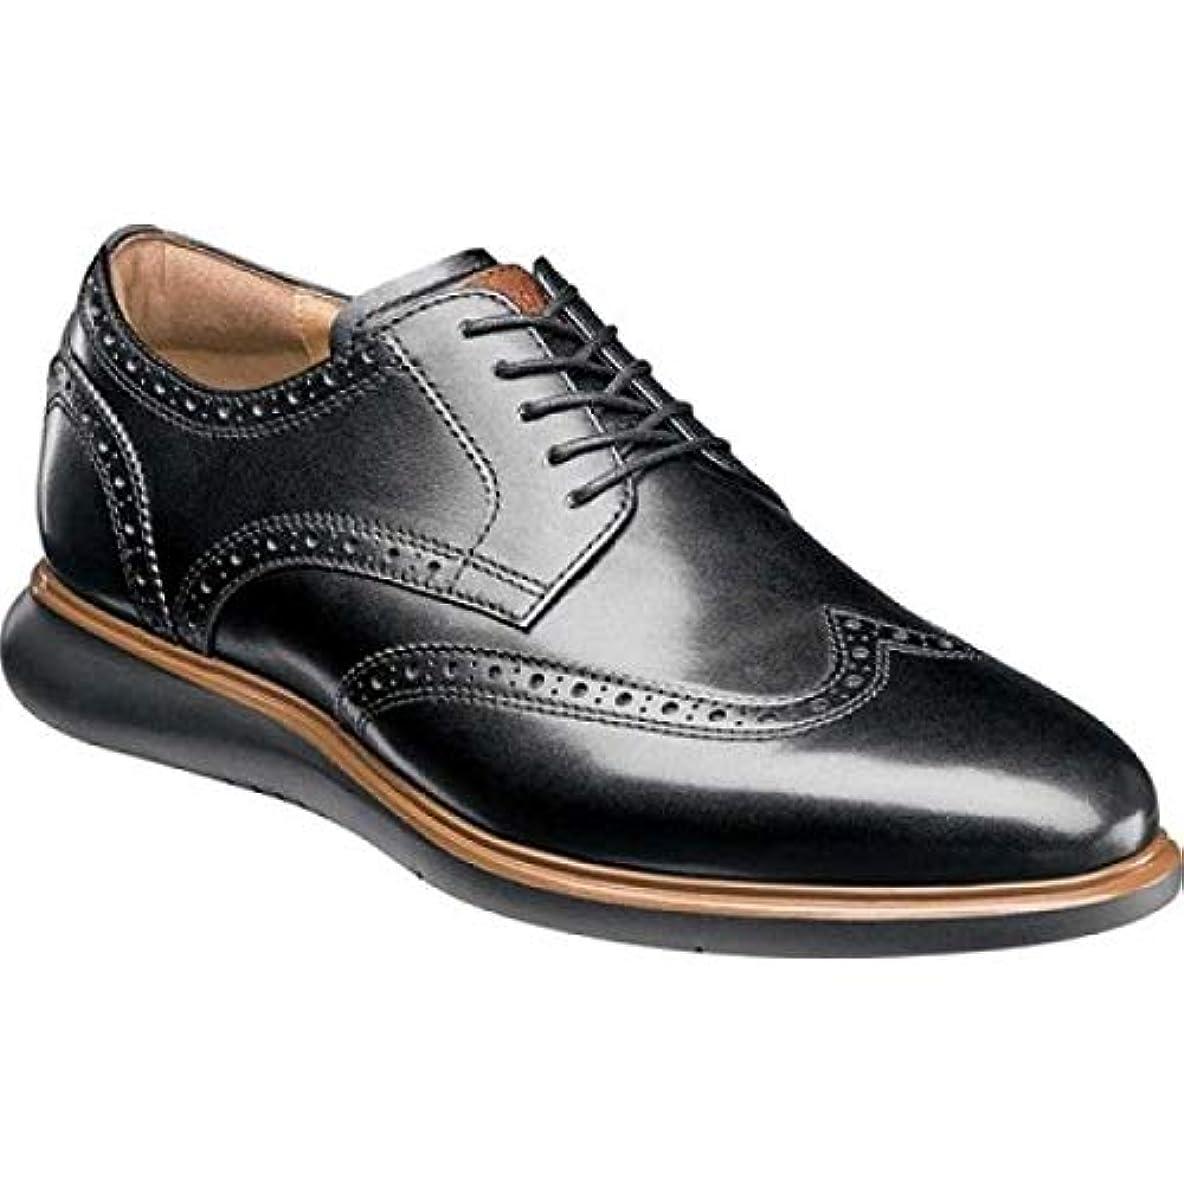 分類ヒールプレビュー(フローシャイム) Florsheim メンズ シューズ?靴 革靴?ビジネスシューズ Fuel Wingtip Oxford [並行輸入品]